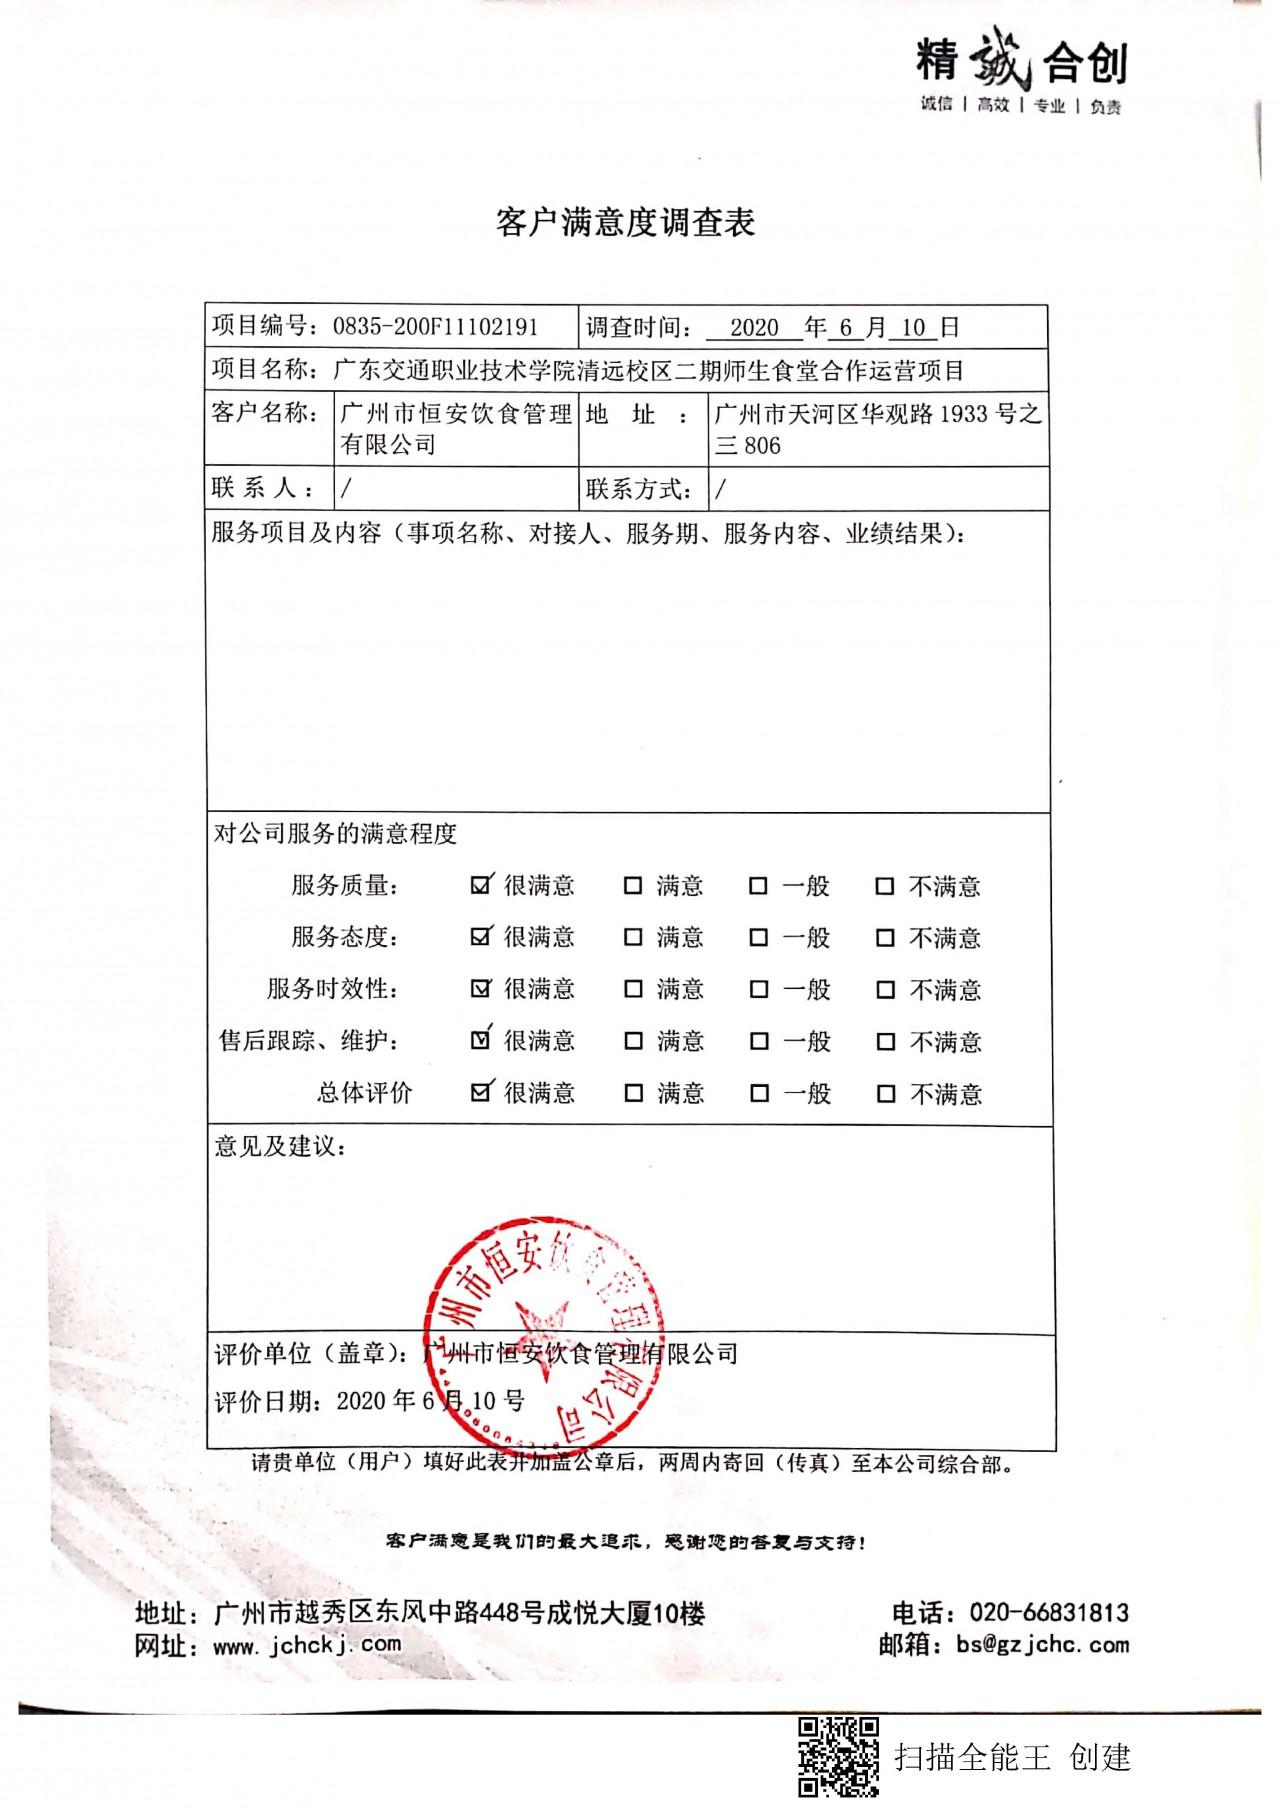 扫描全能王 2020-08-19 11.46.57_页面_1.jpg